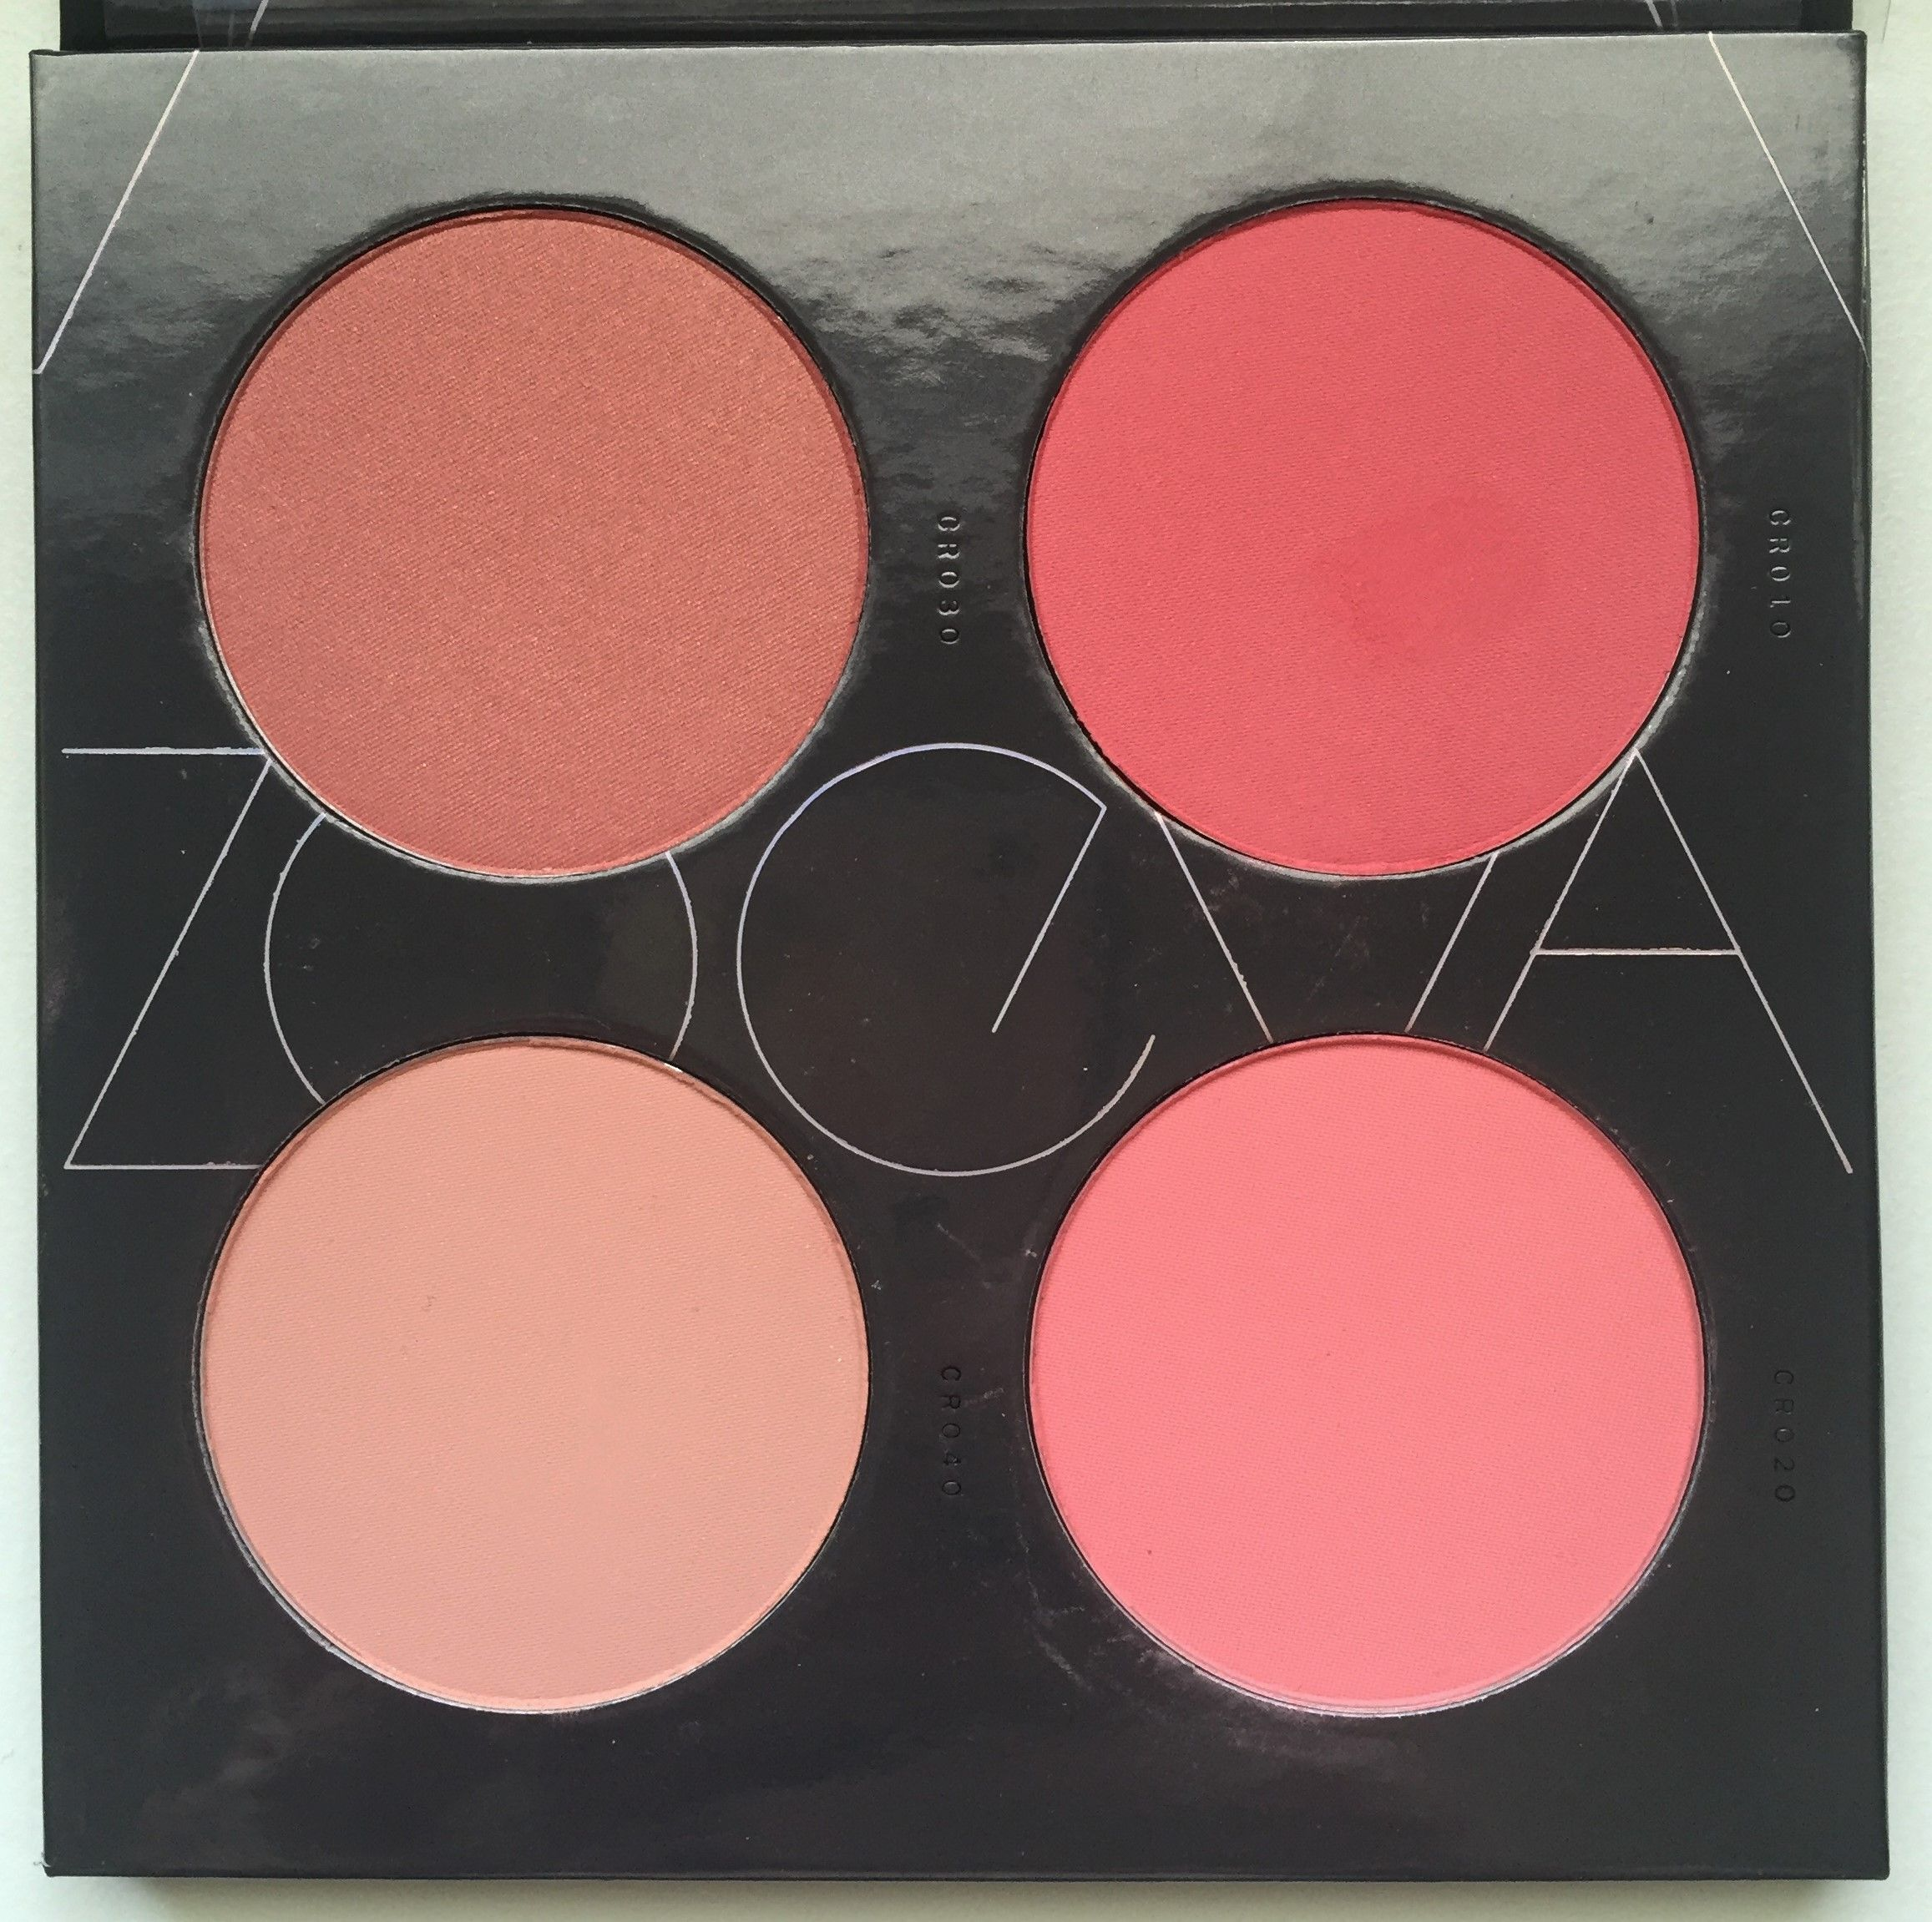 Zoeva Coral Spectrum Coral makeup, Best makeup products